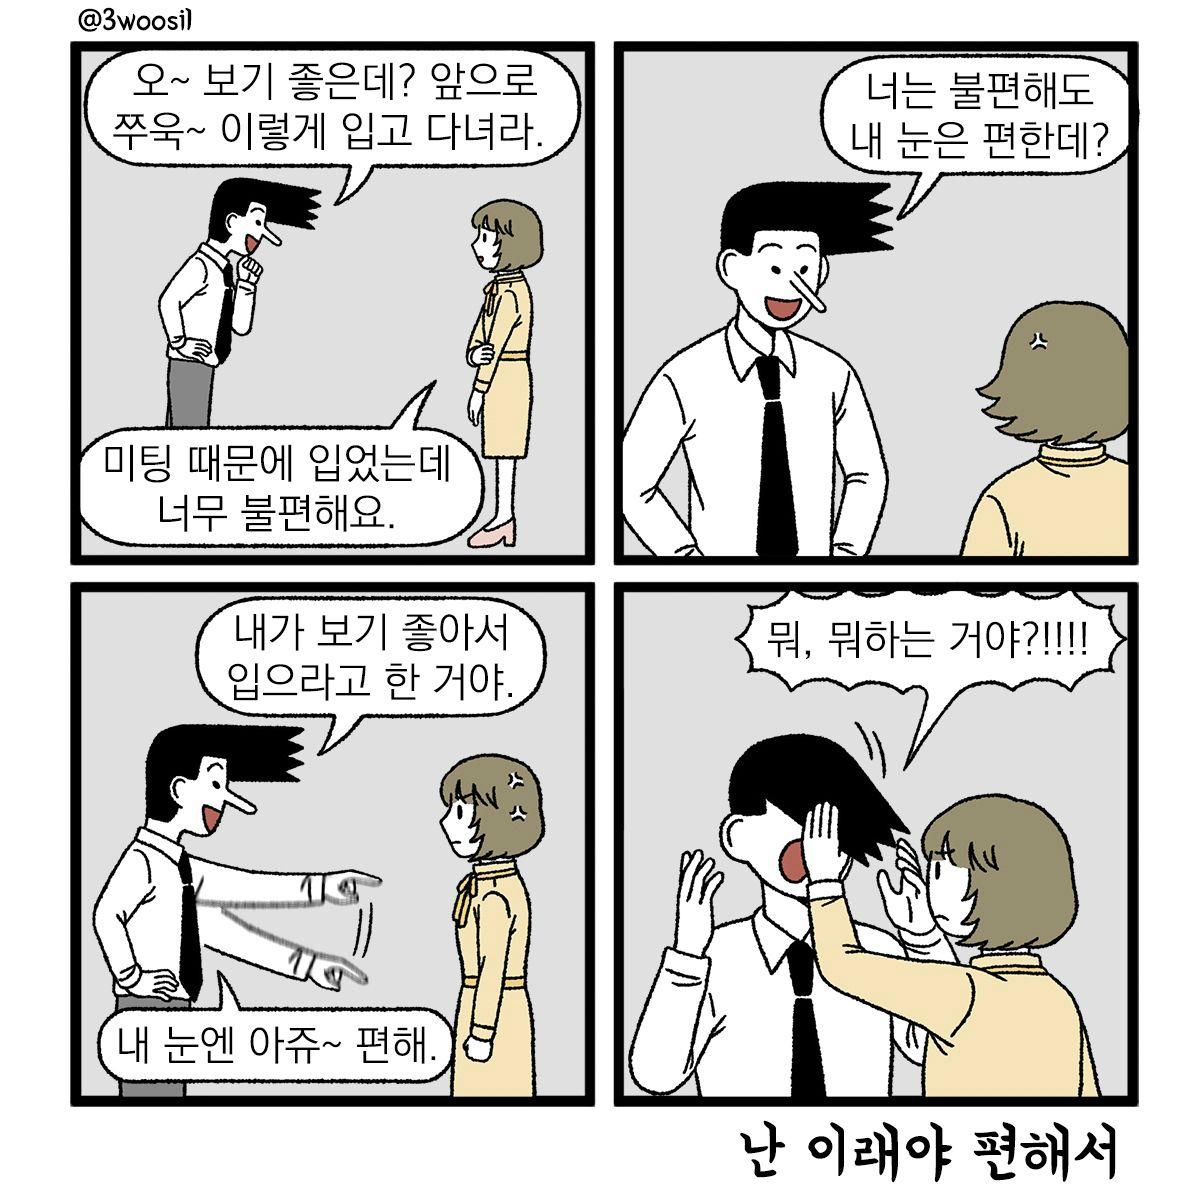 [직장만화]삼우실 한컷: 정장